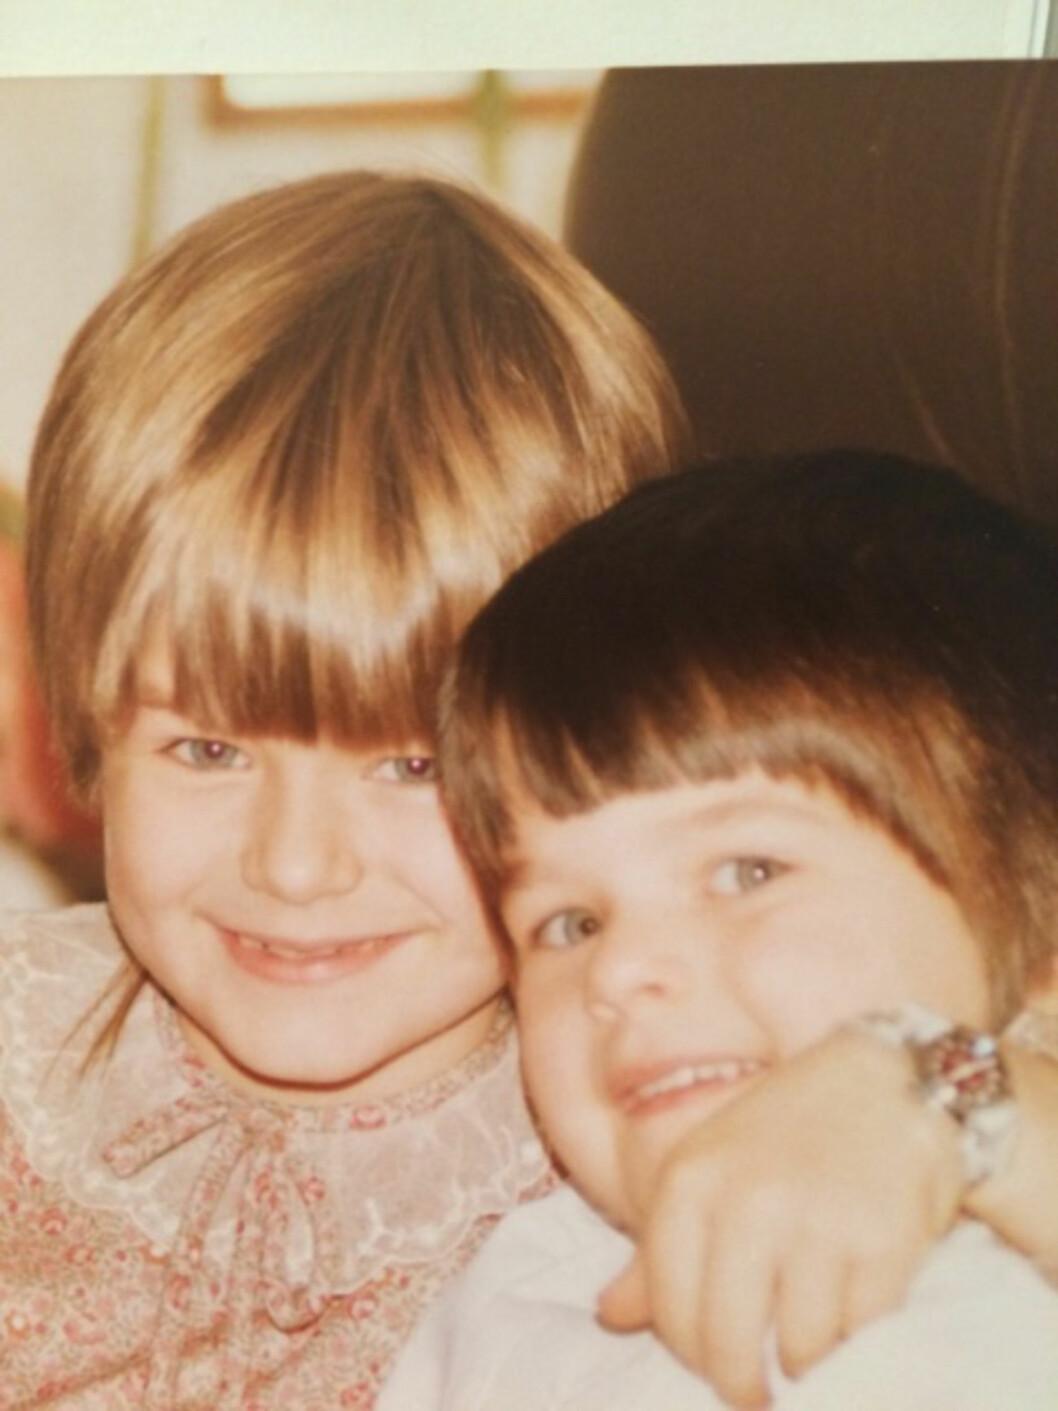 ULIKE, MEN NÆRE: Ingunn og Ellinor har vært nære hverandre fra barnsben, selv om de innrømmer at de kan være ganske ulike, personlighetsmessig.  Foto: Geir Dokken